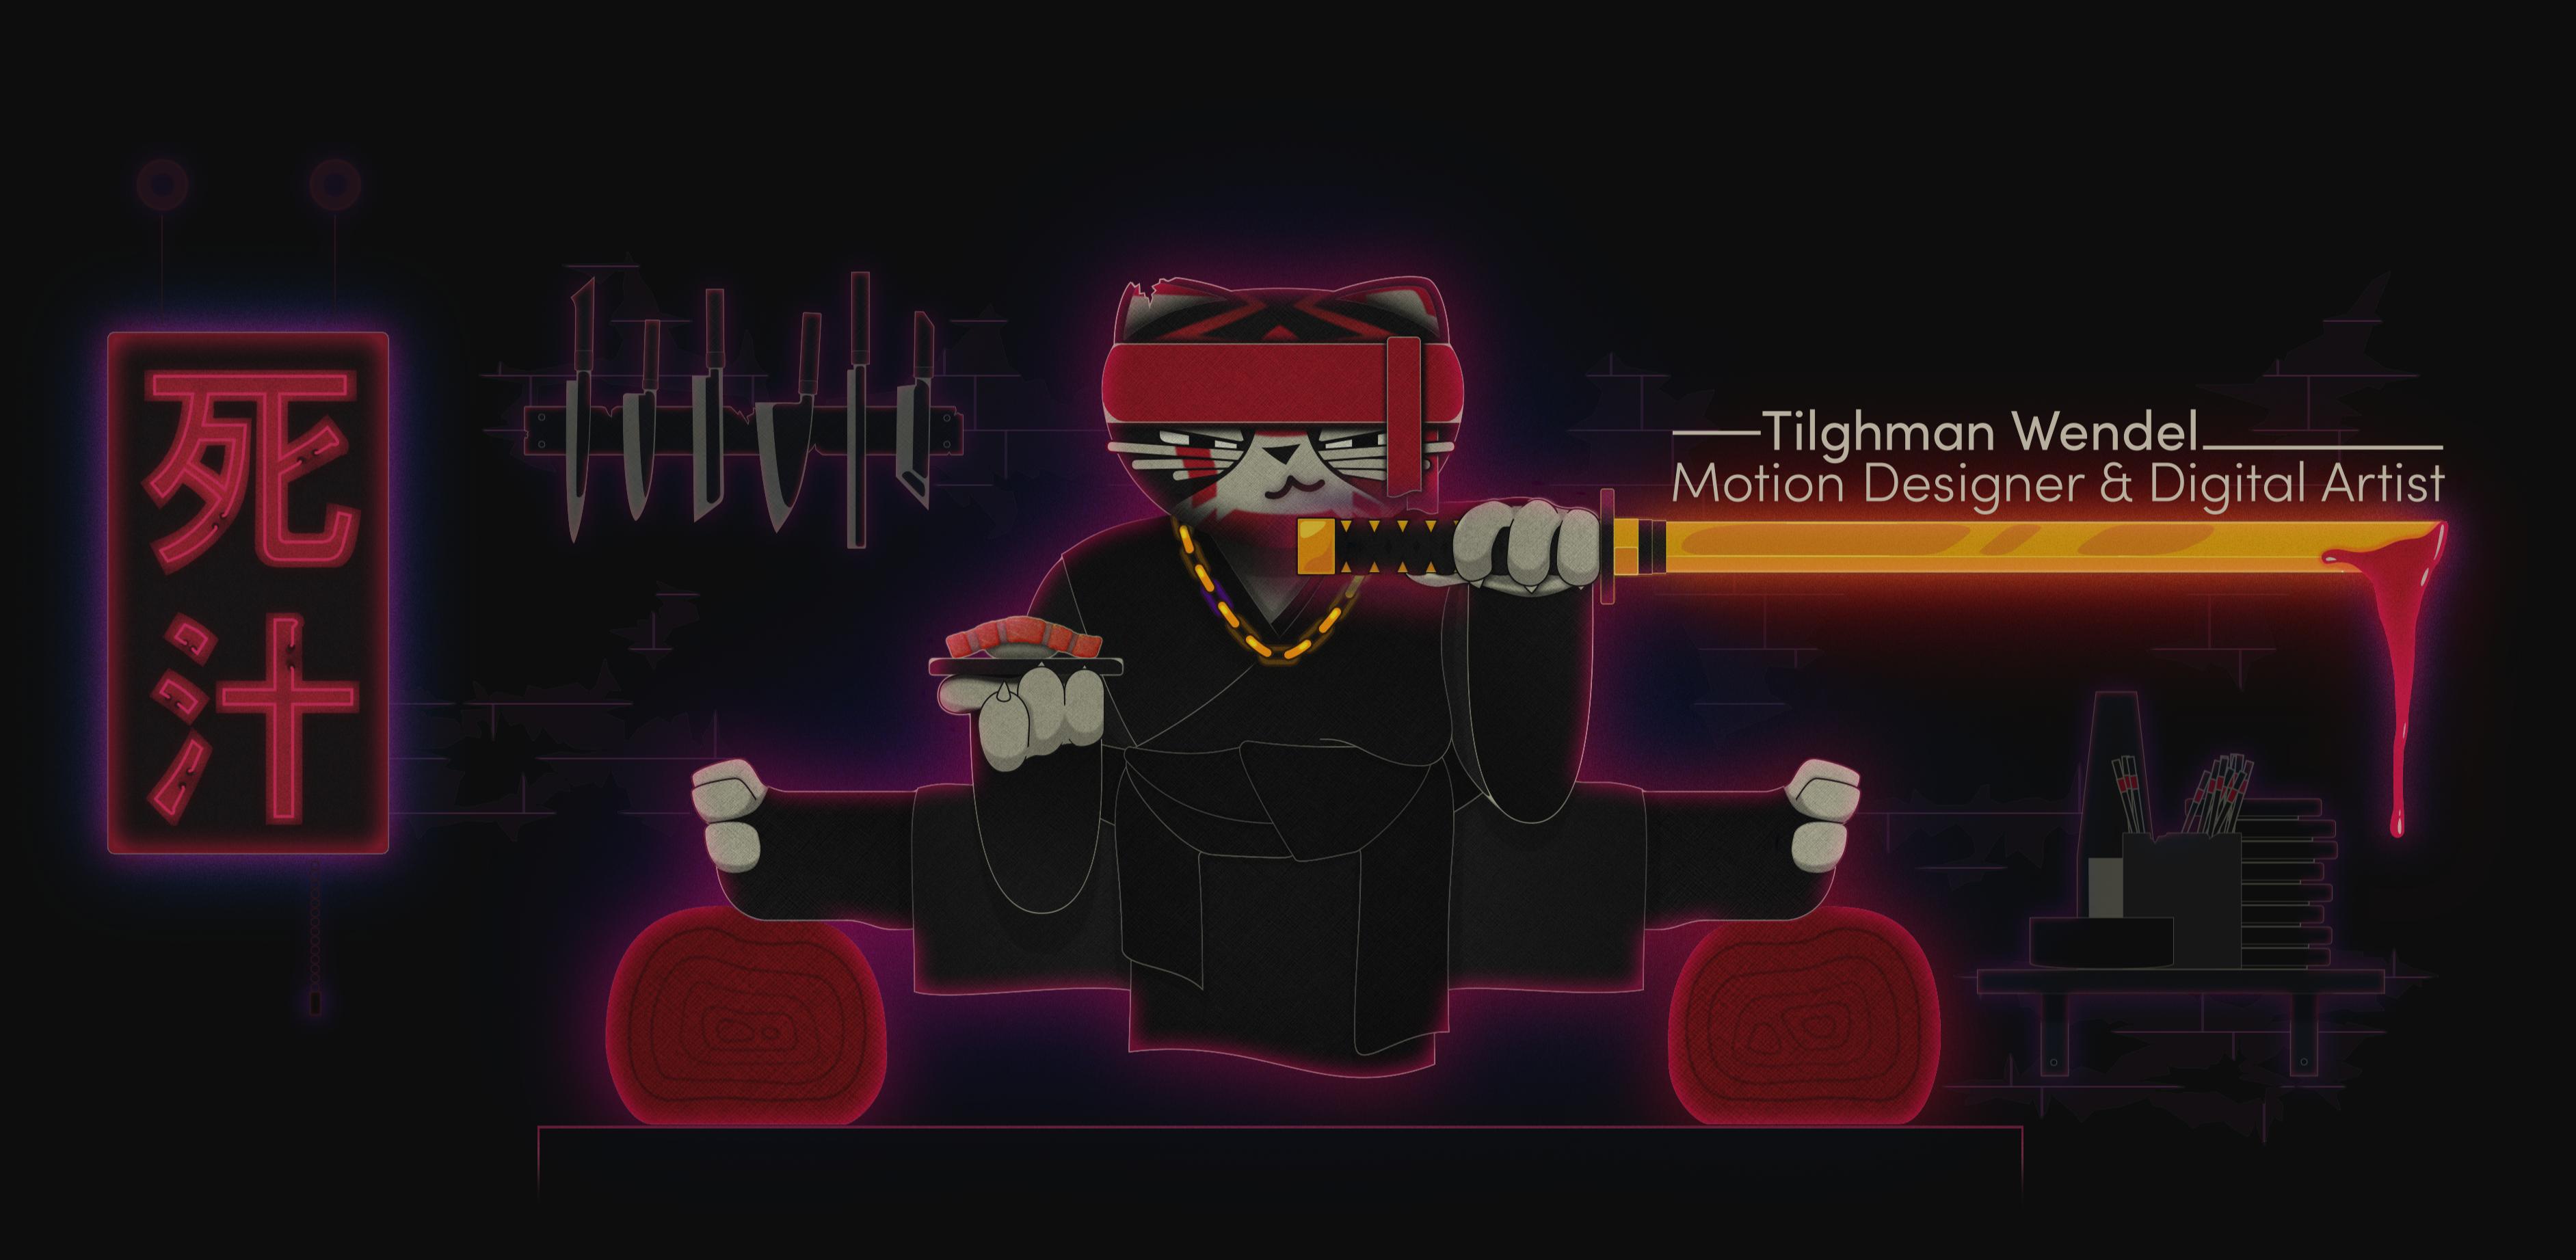 Tilghman Wendel